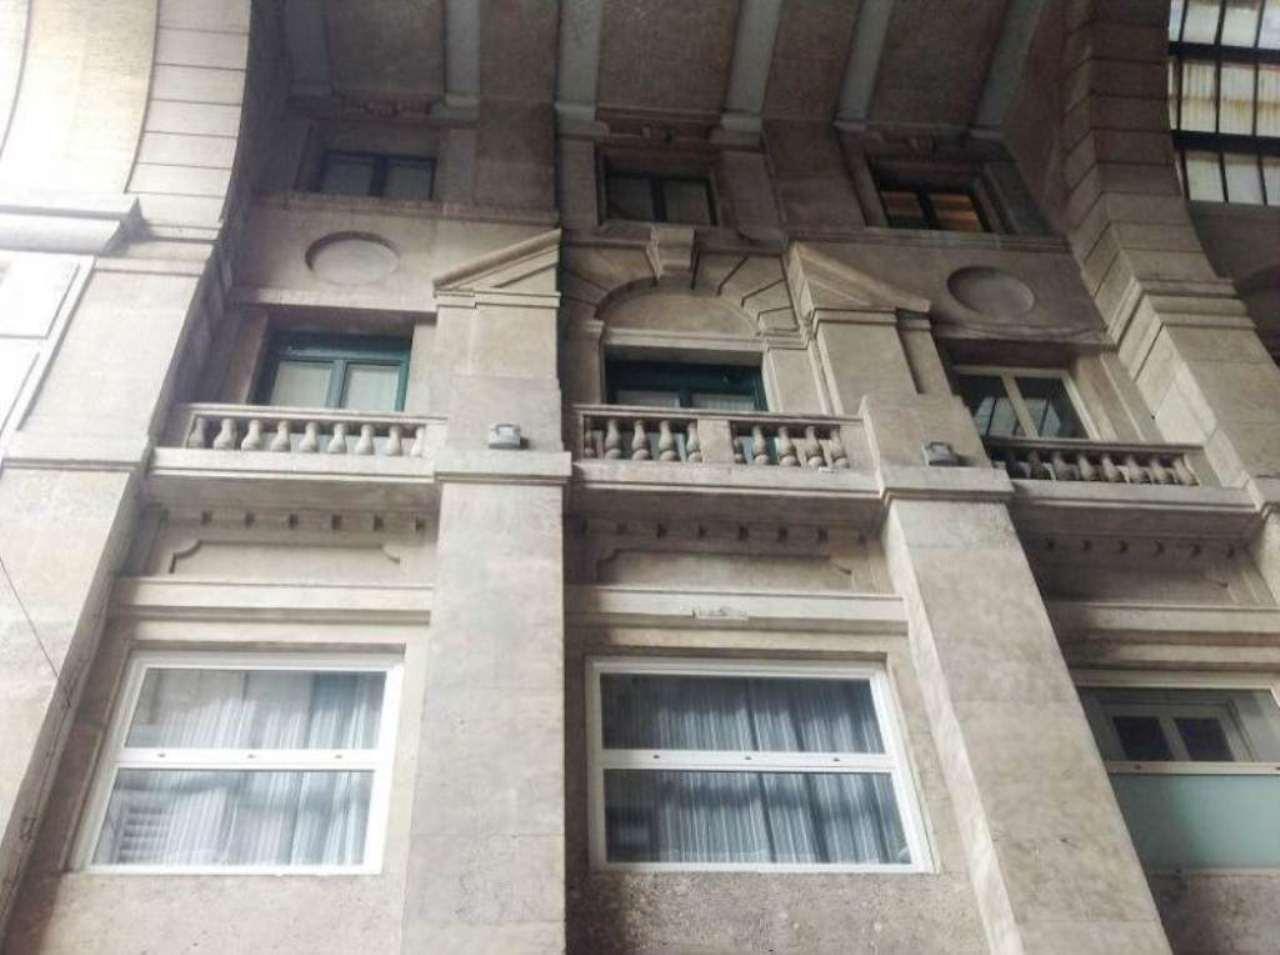 Appartamento in vendita a milano mi centro storico for Case in vendita milano centro